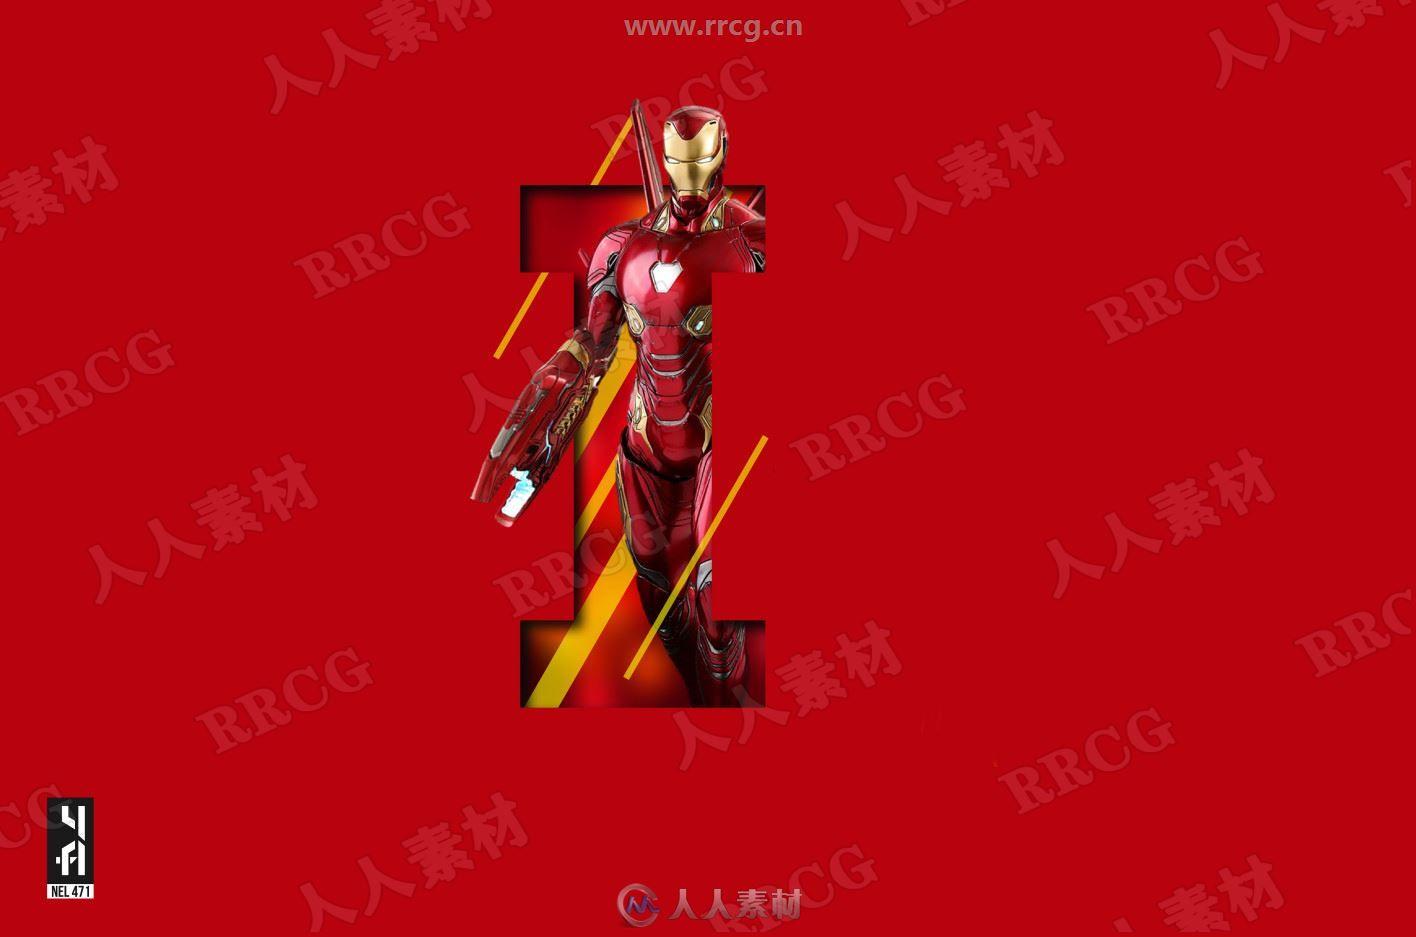 《钢铁侠》科幻概念角色场景海报美术设定原画插画集